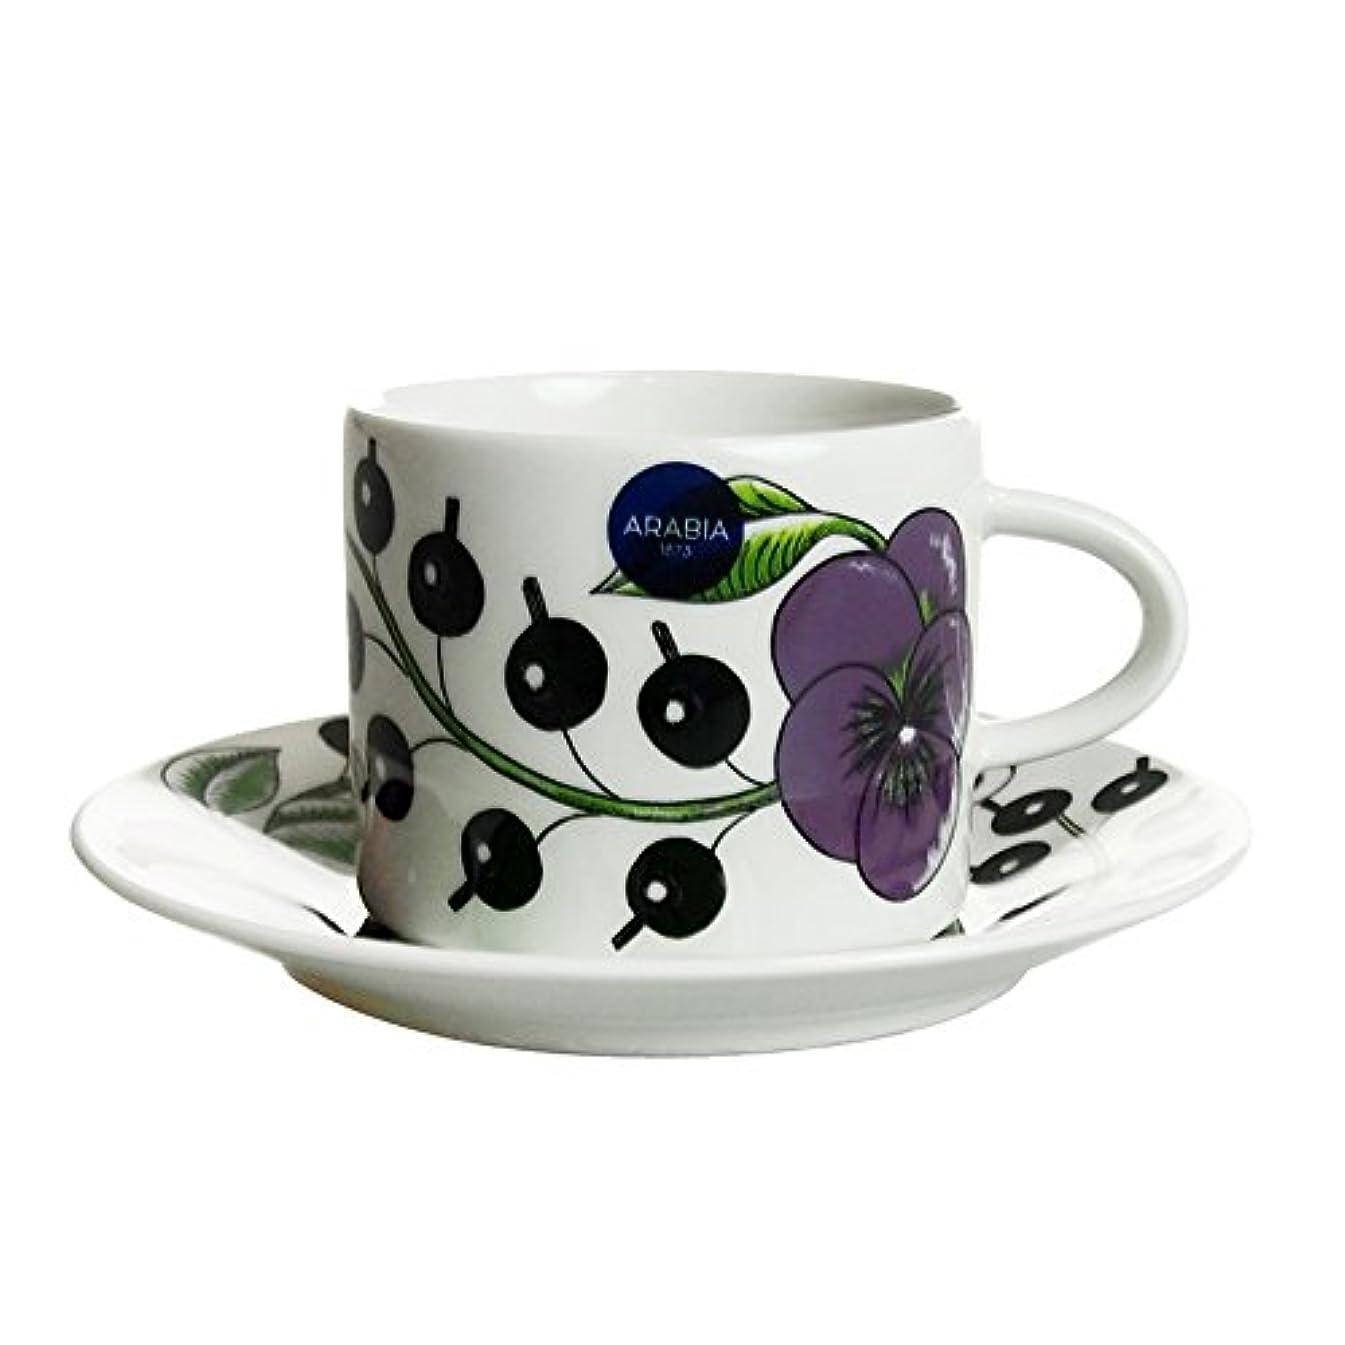 私たち自身体系的にトレードセラミックジャパン Ceramic Japan モデラートカップ&ソーサー